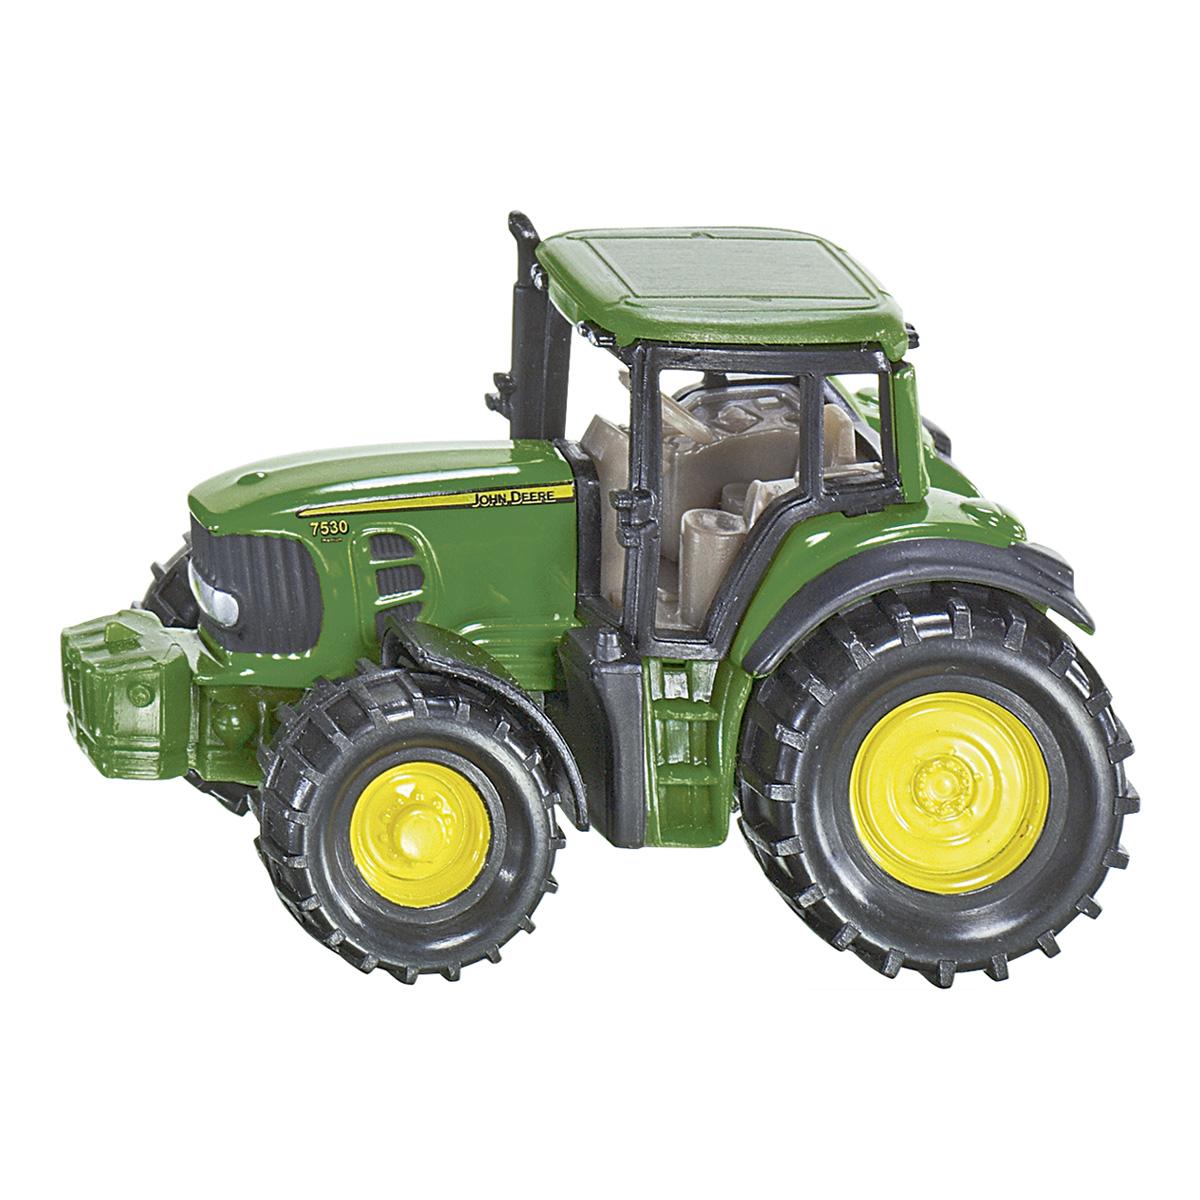 ジョンディア 7530 トラクター(ジク・SIKU)